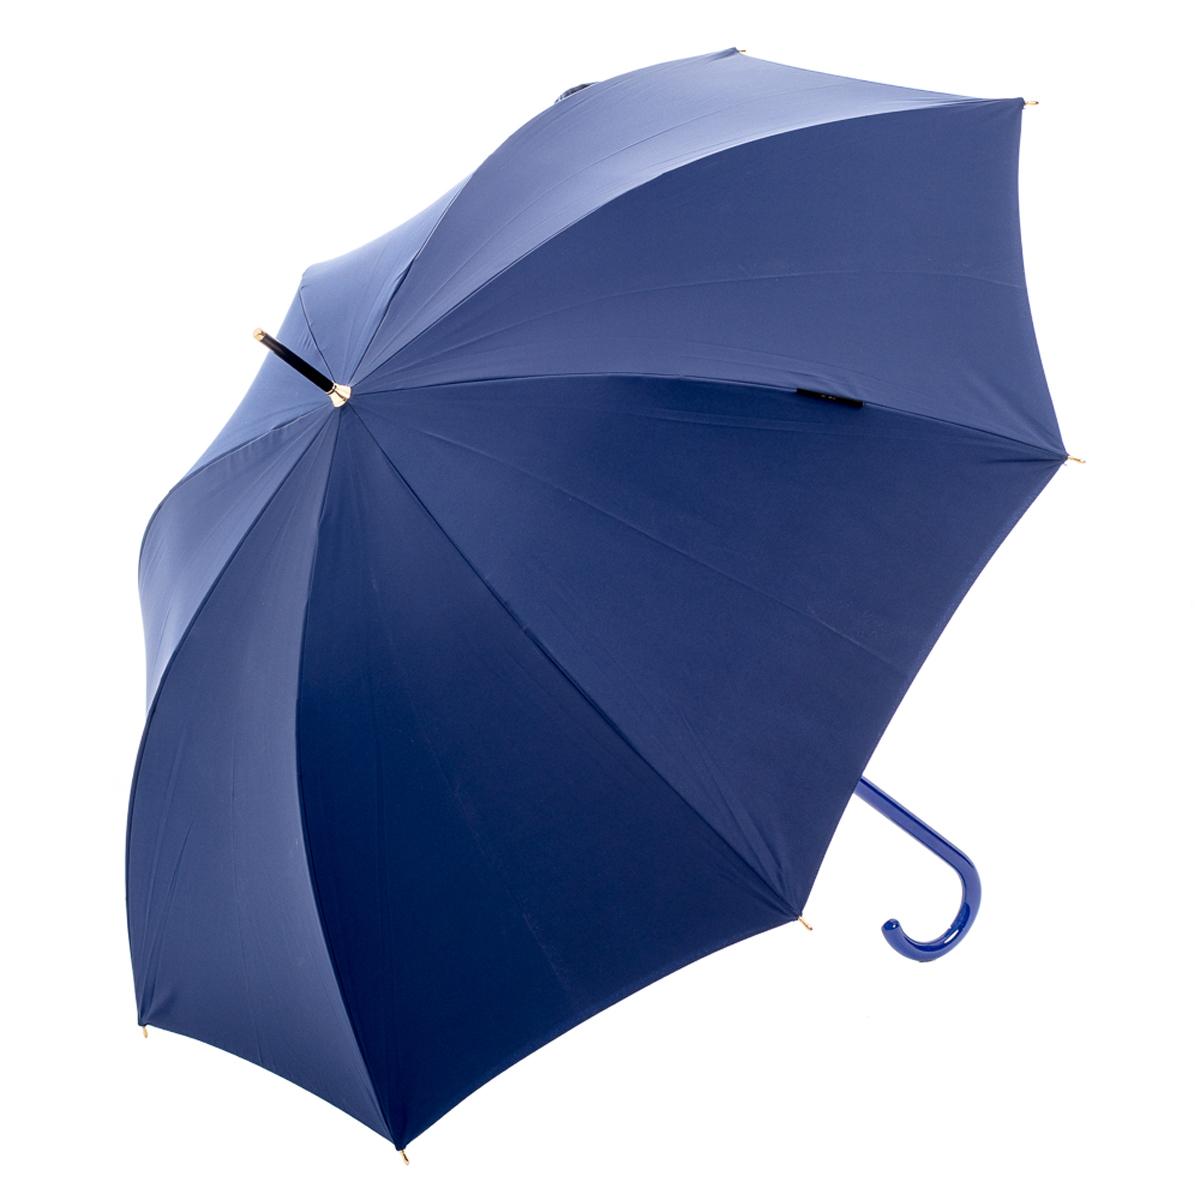 Зонт женский Slava Zaitsev, цвет: синий. SZ-059/2 DoubleБраслет с подвескамиДвухкупольный зонт-трость с дизайном В.М. Зайцева. Внешний купол однотонный, внутренний с дизайном. Спицы спрятаны между двуми слоями ткани. Автоматическое открытие, спицы и шток из высококарбонистой стали. Ткань - полиэстер. Диаметр купола 105 см по нижней части. Длина в сложенном состоянии - 95 см.